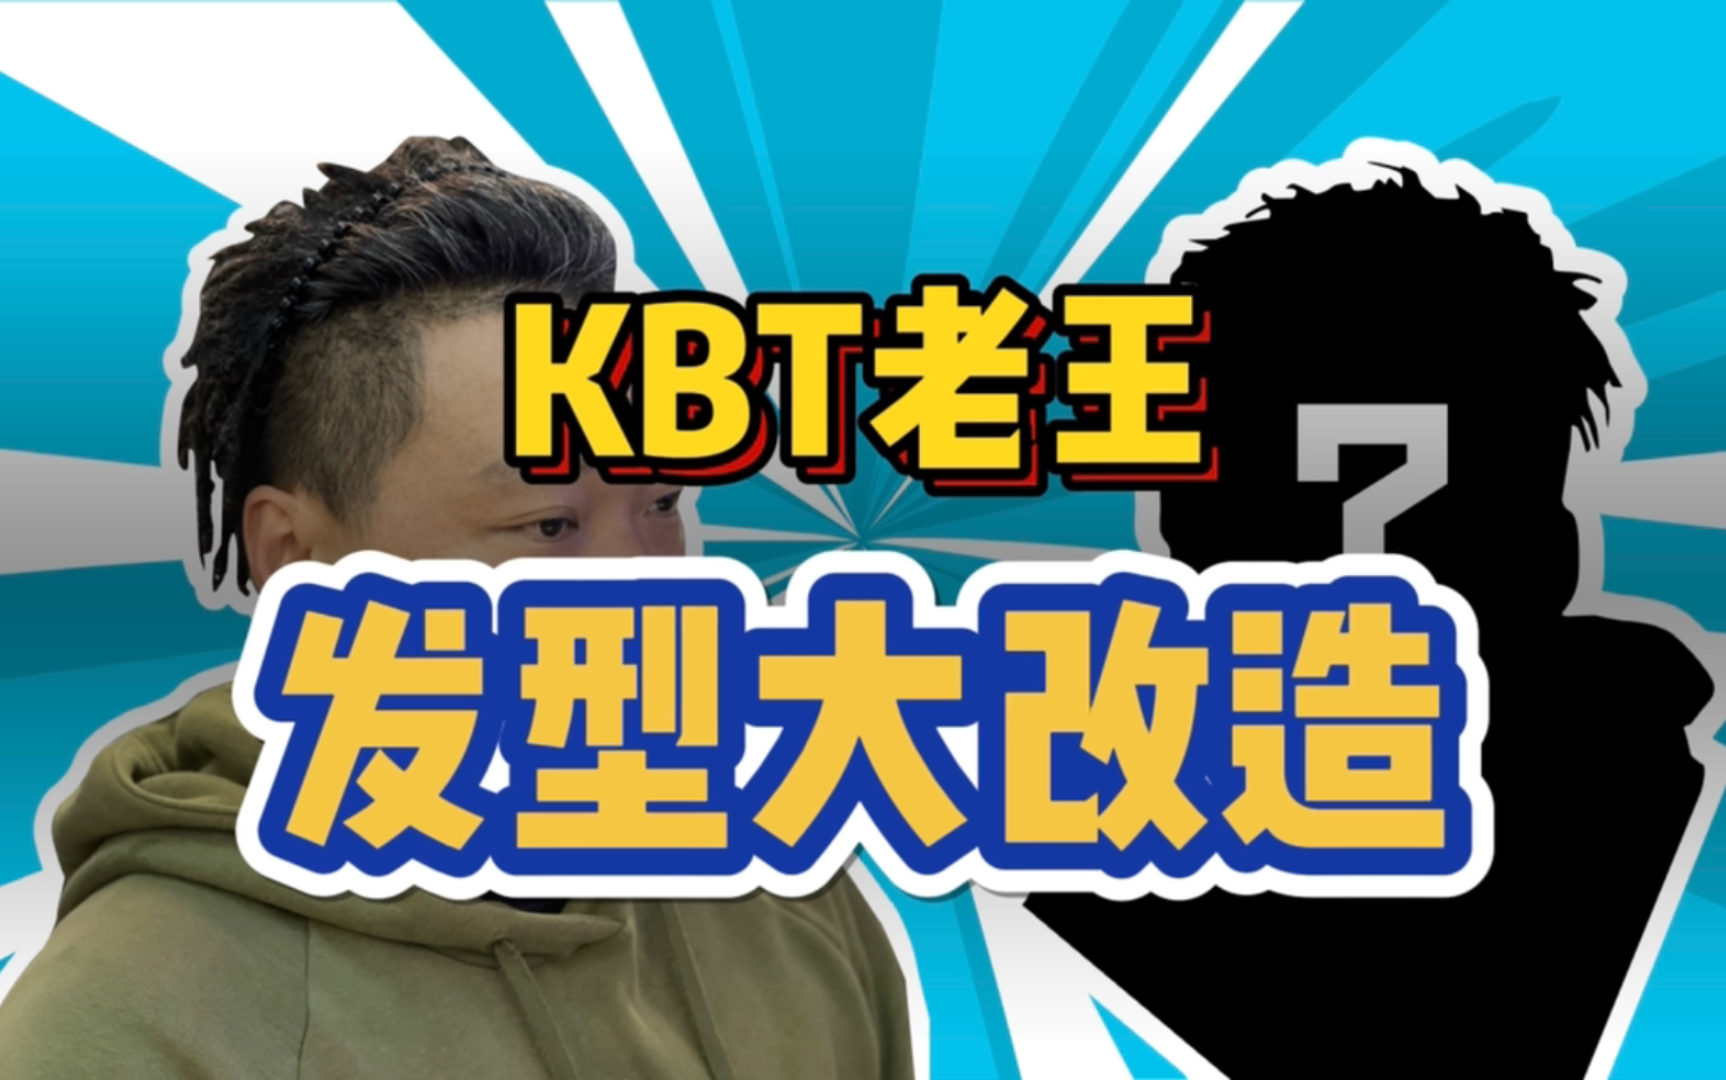 【KBT日常】老王半年没整过的发型,做完竟然还有点小帅?